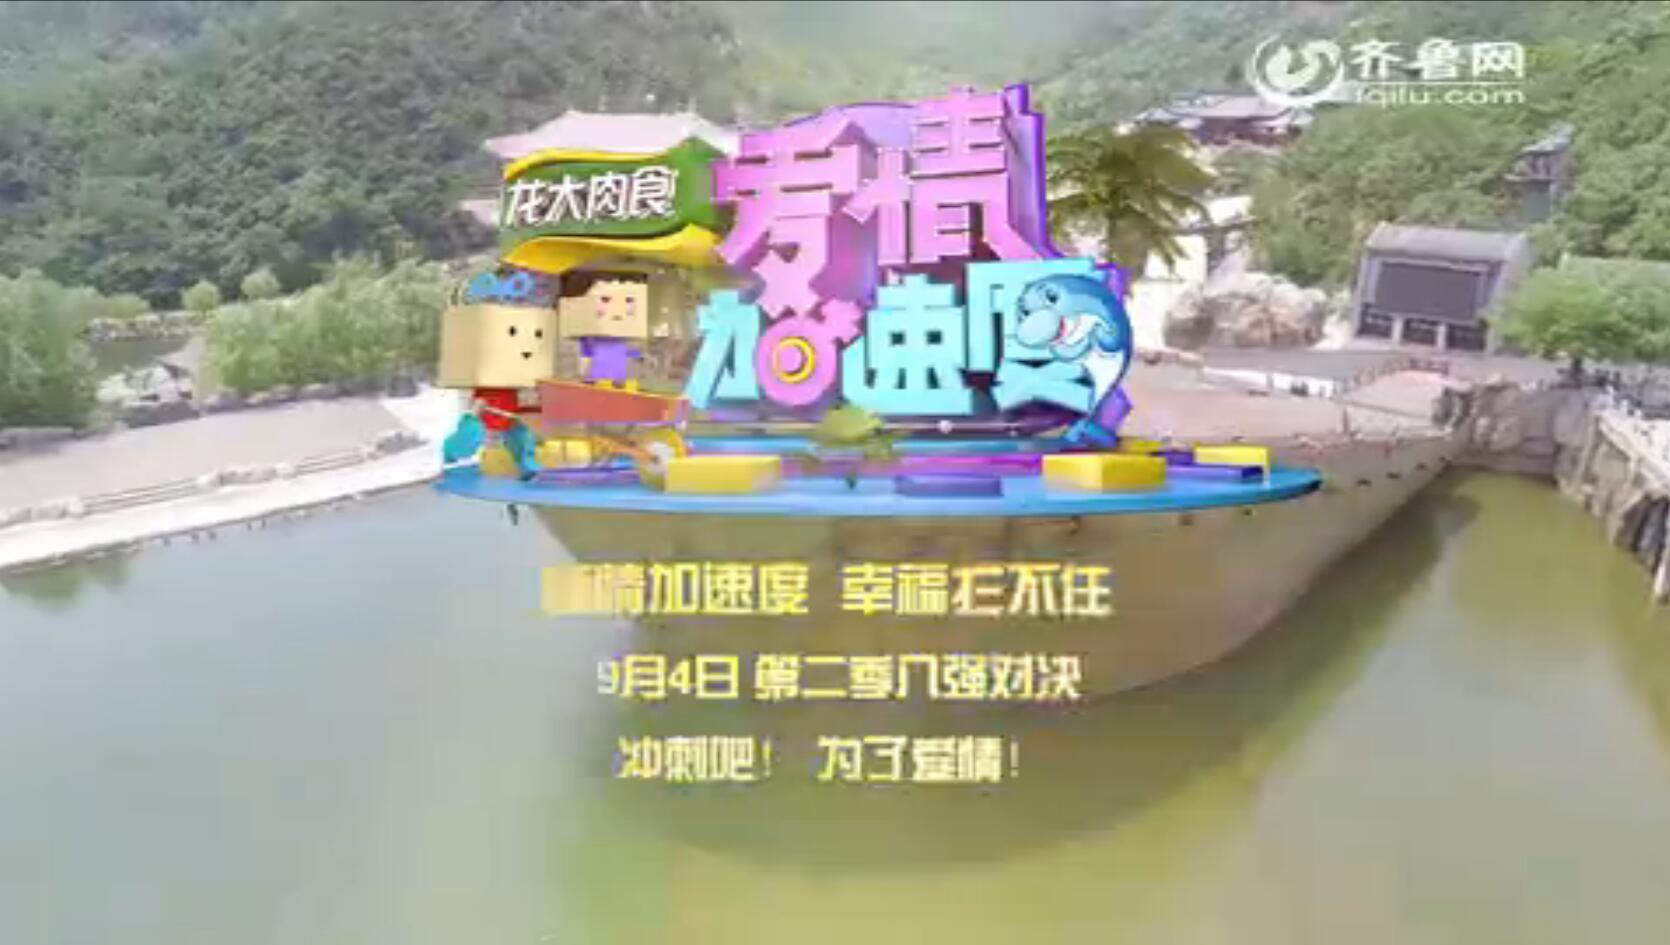 《爱情加速度》第二季六强争夺战 9月4号大幕开启